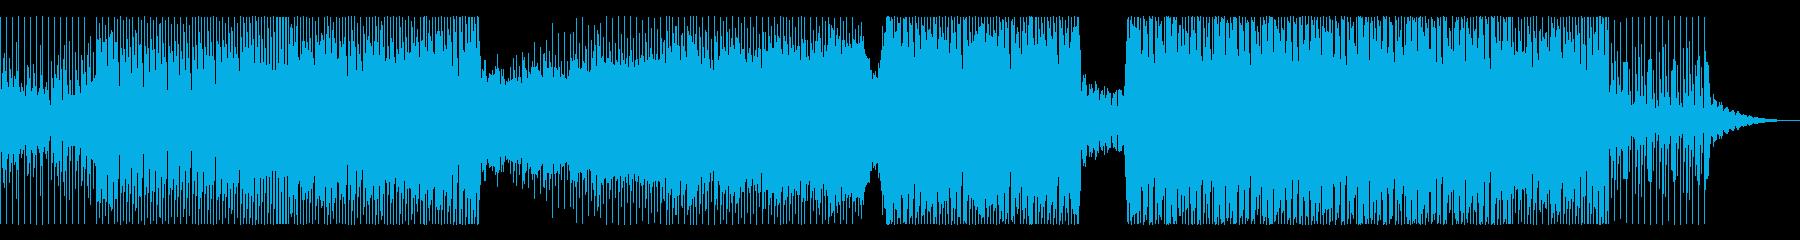 ハウス ダンス プログレッシブ ポ...の再生済みの波形